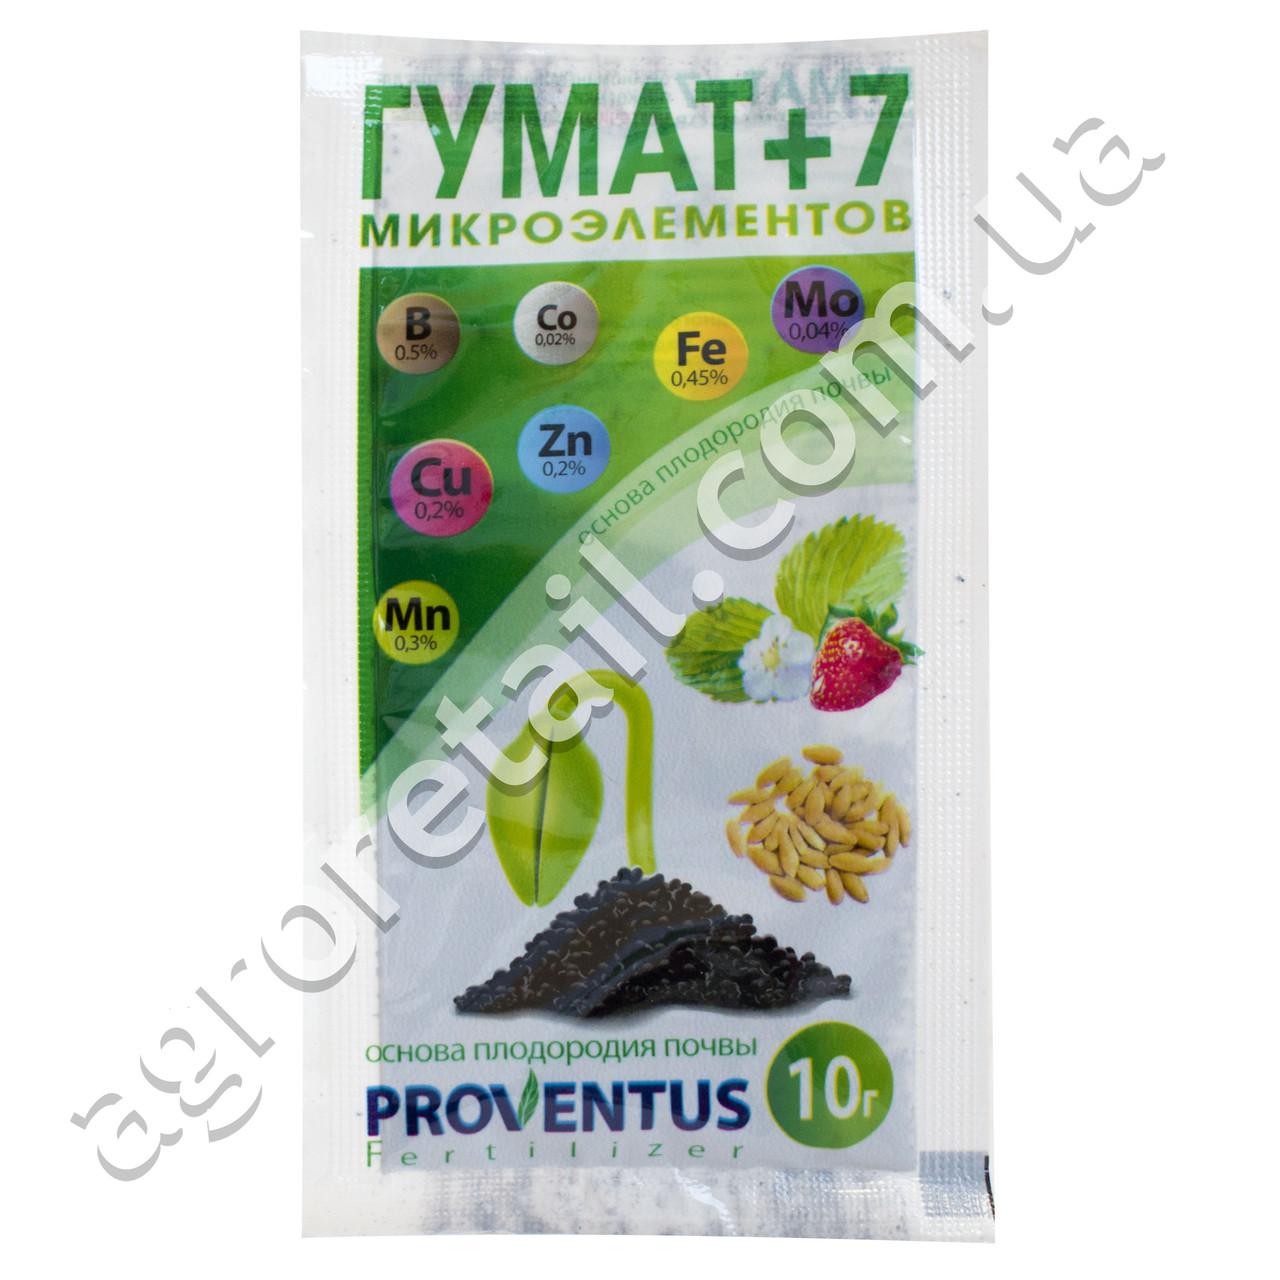 Удобрение Гумат+7 Микроэлементов 10 г Proventus